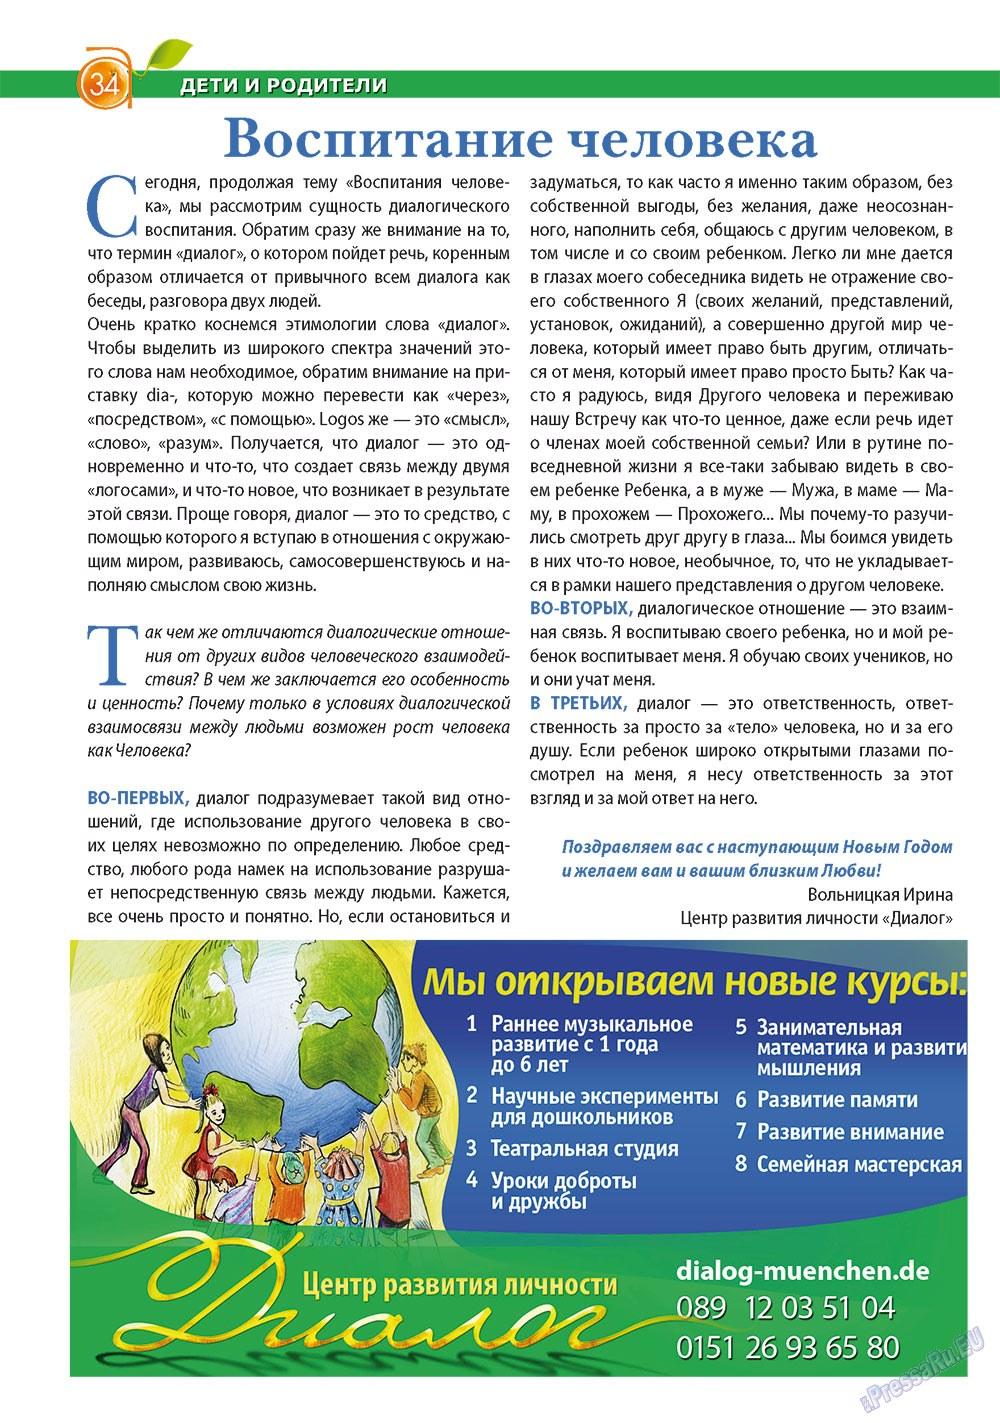 Апельсин (журнал). 2011 год, номер 29, стр. 34